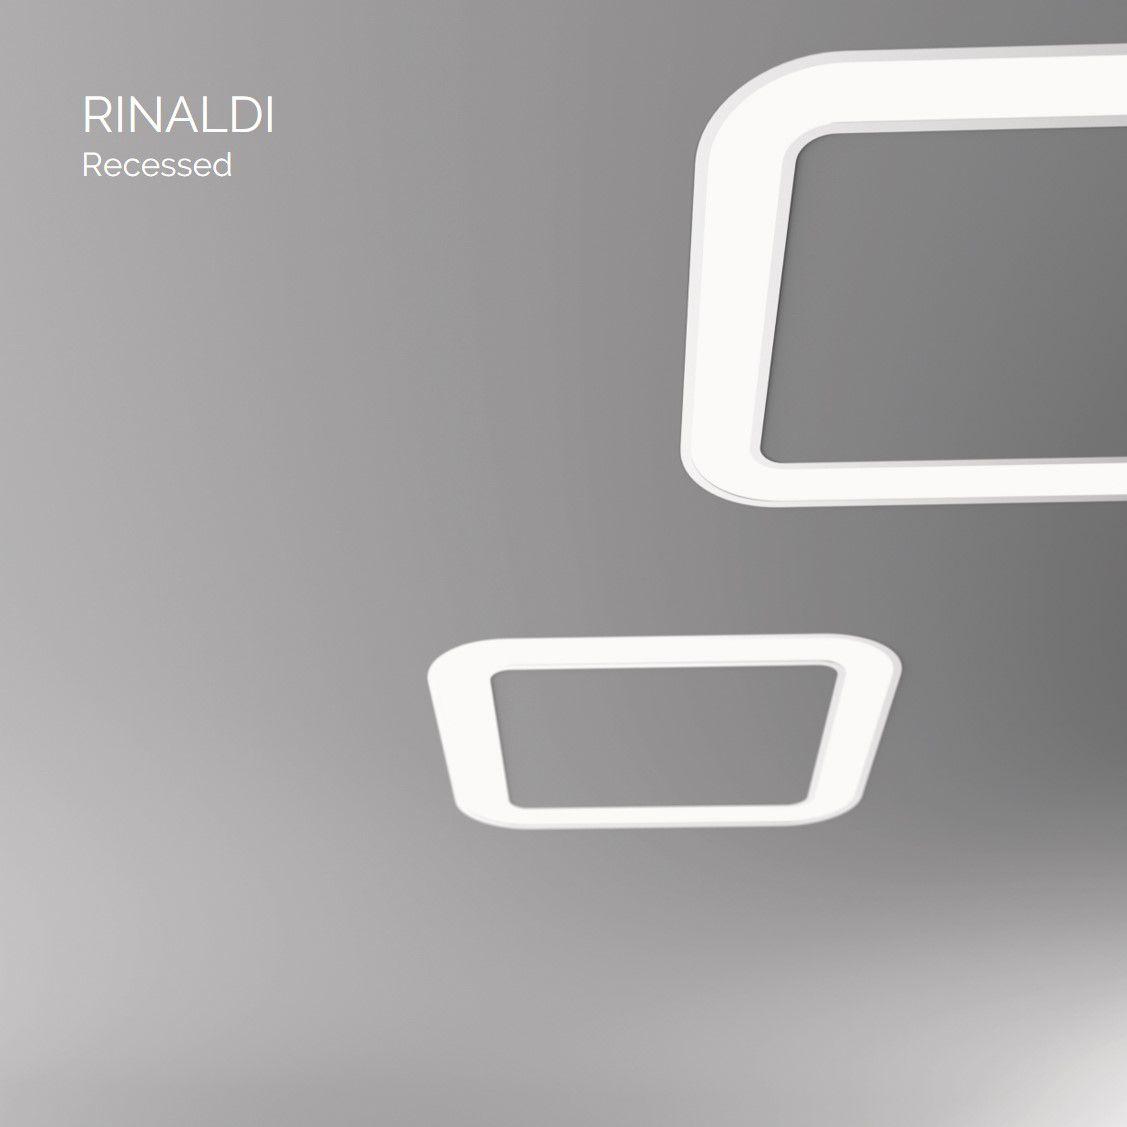 rinaldi inbouw armatuur vierkant 1200mm 3000k 10630lm 140w fix